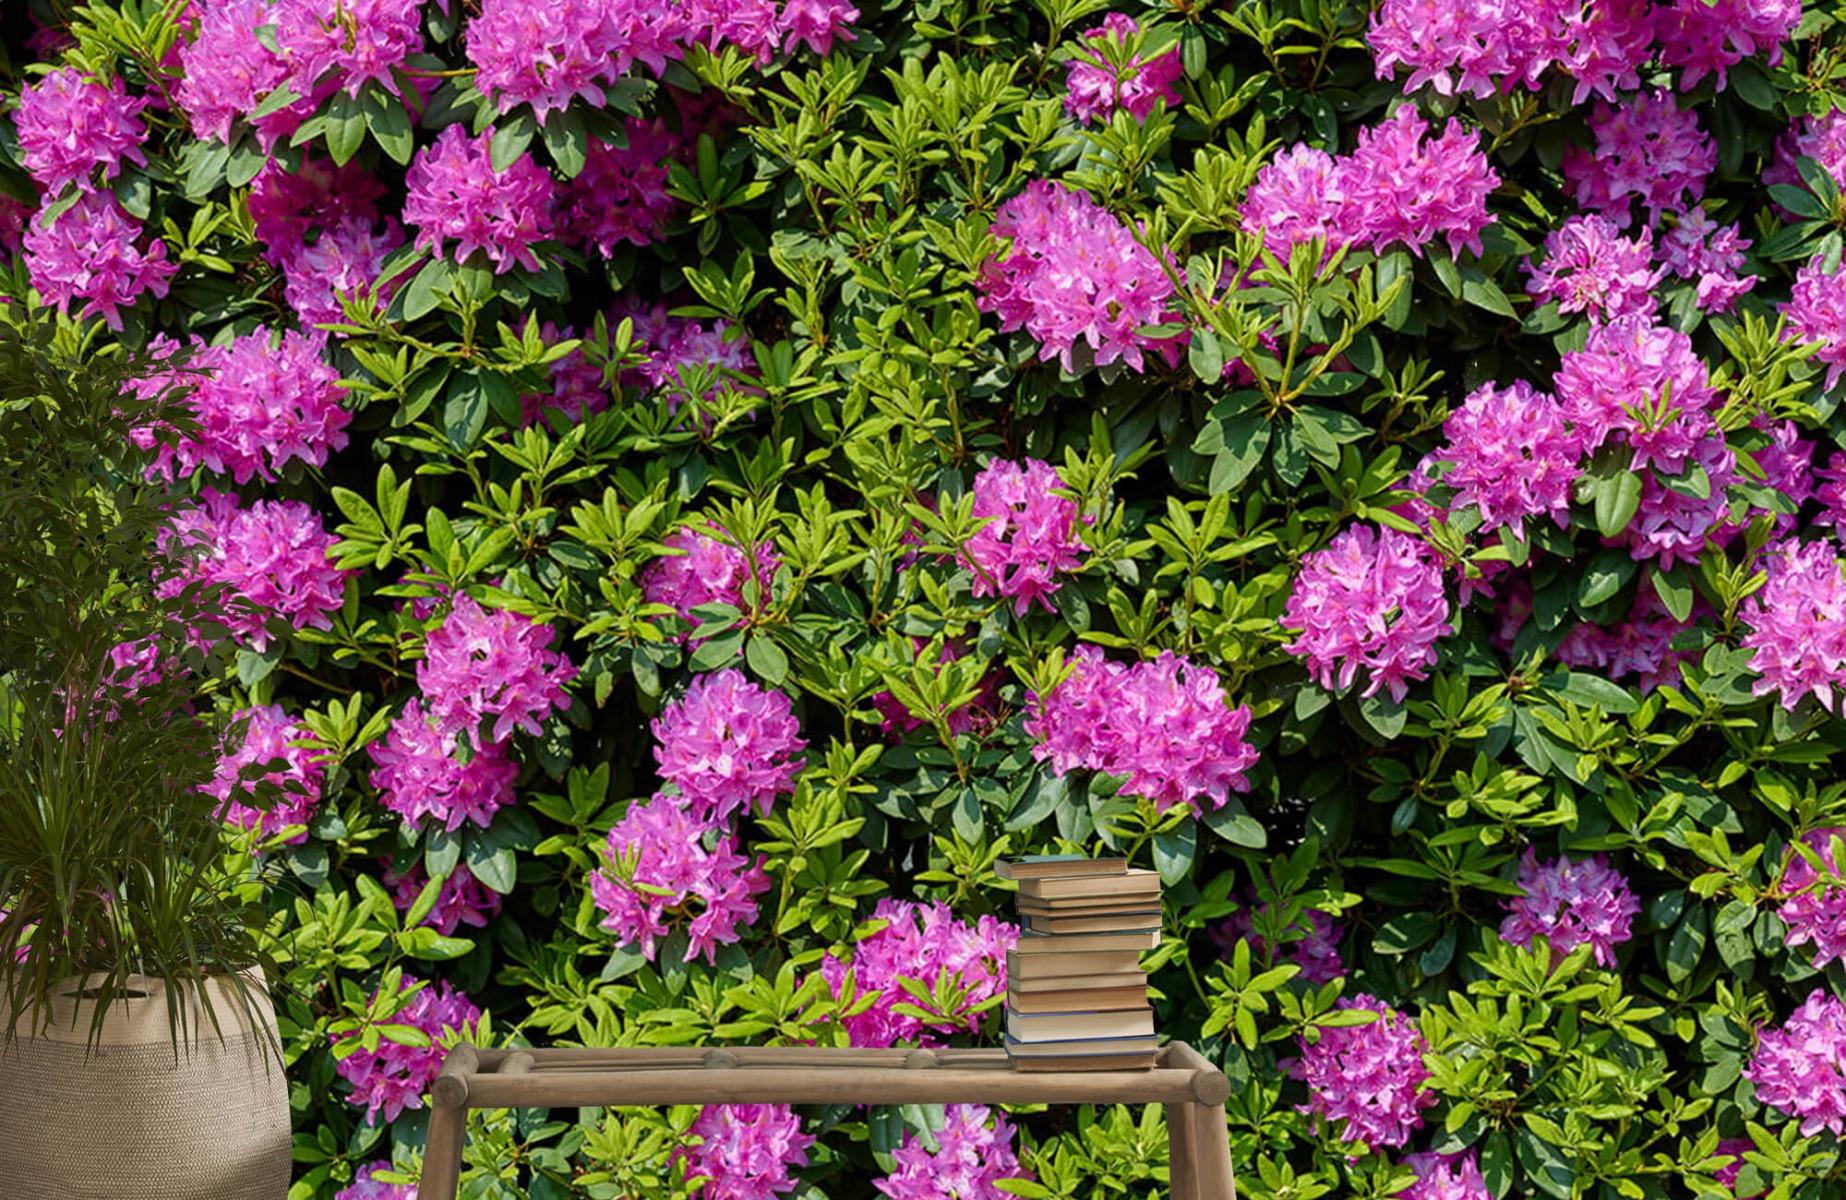 Bloemenvelden - Grote muur van rododendrons - Wallexclusive - Woonkamer 20